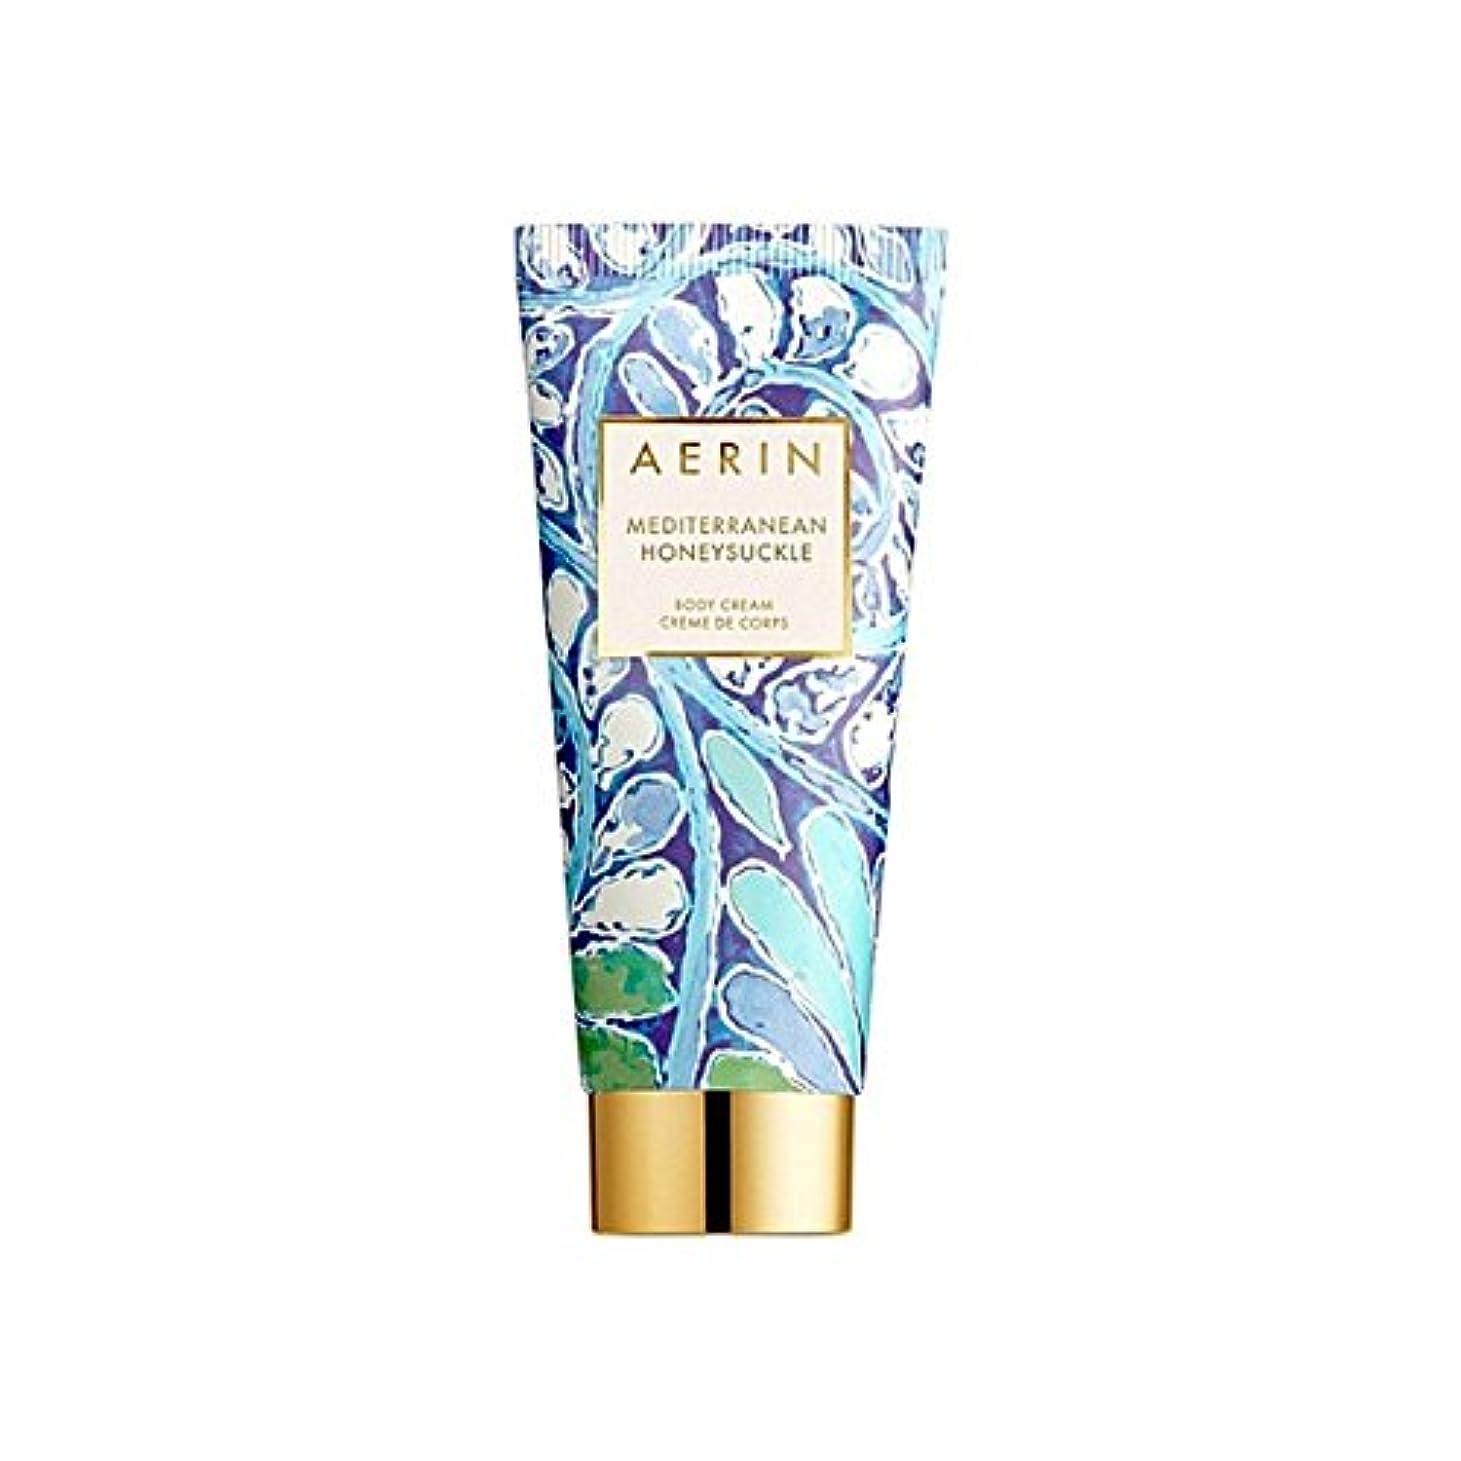 援助する真実トラップスイカズラボディクリーム150ミリリットル x2 - Aerin Mediterrenean Honeysuckle Body Cream 150ml (Pack of 2) [並行輸入品]